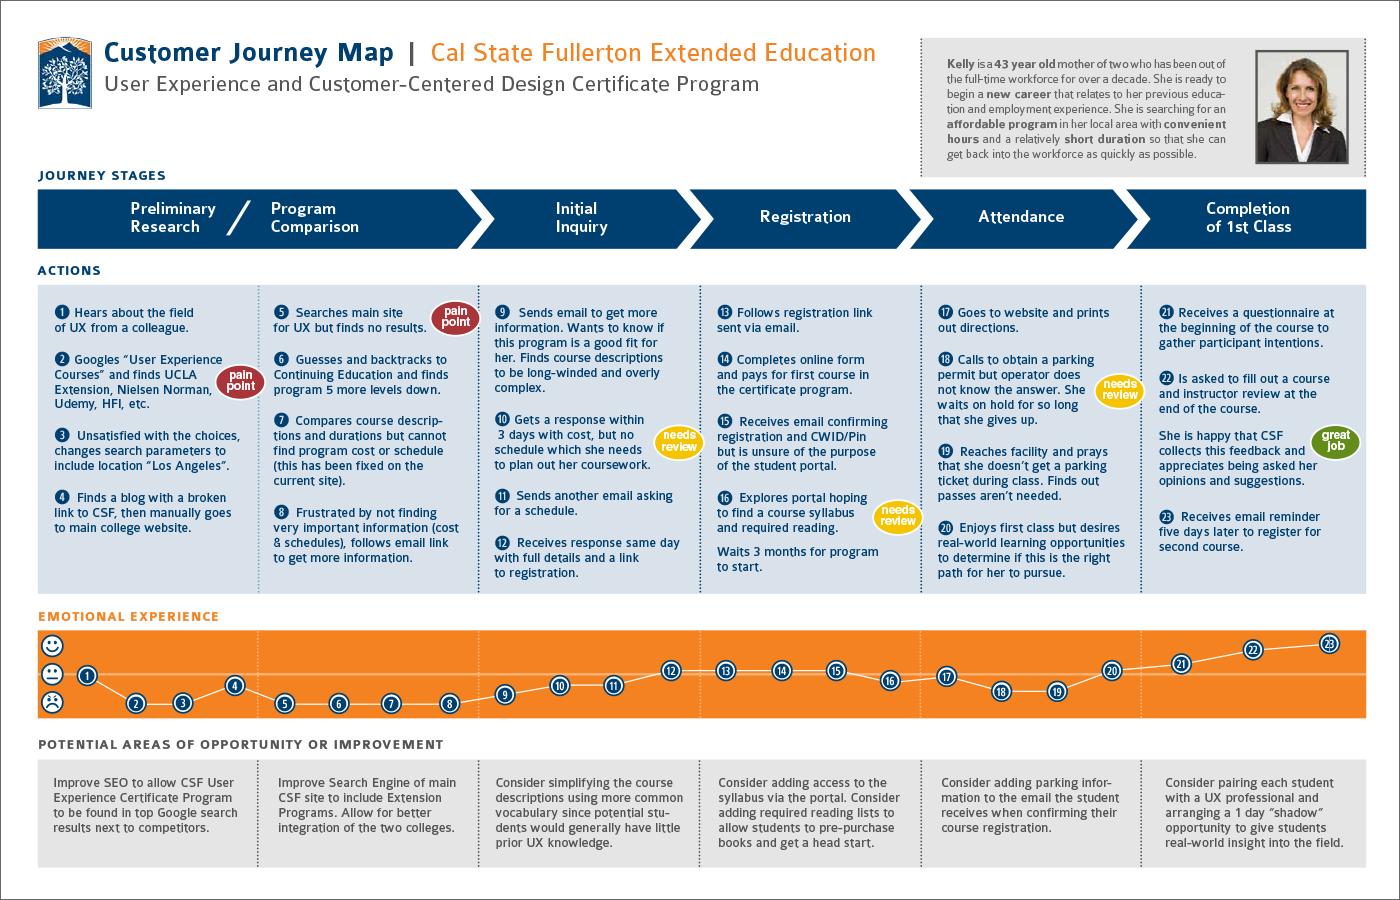 Student Journey Map for university program